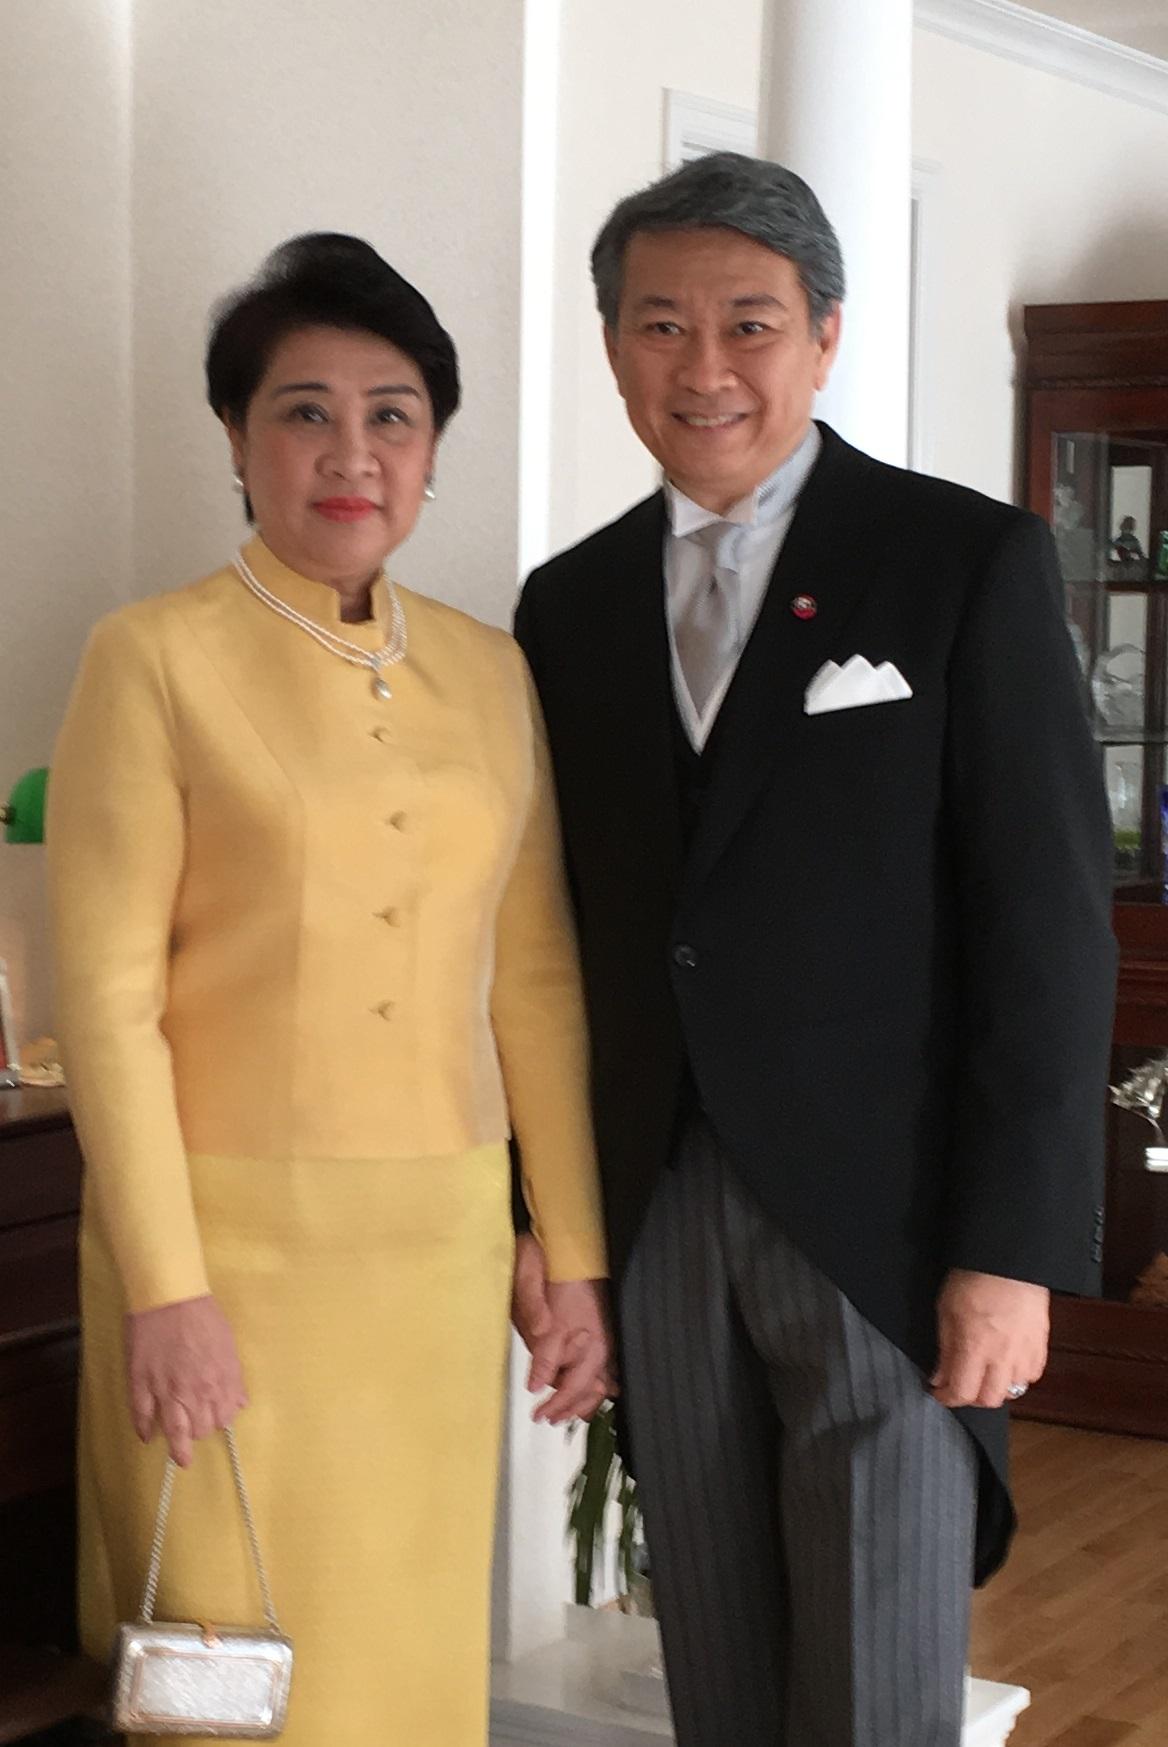 駐日タイ王国特命全権大使 バンサーン・ブンナーク閣下よりメッセージをいただきました